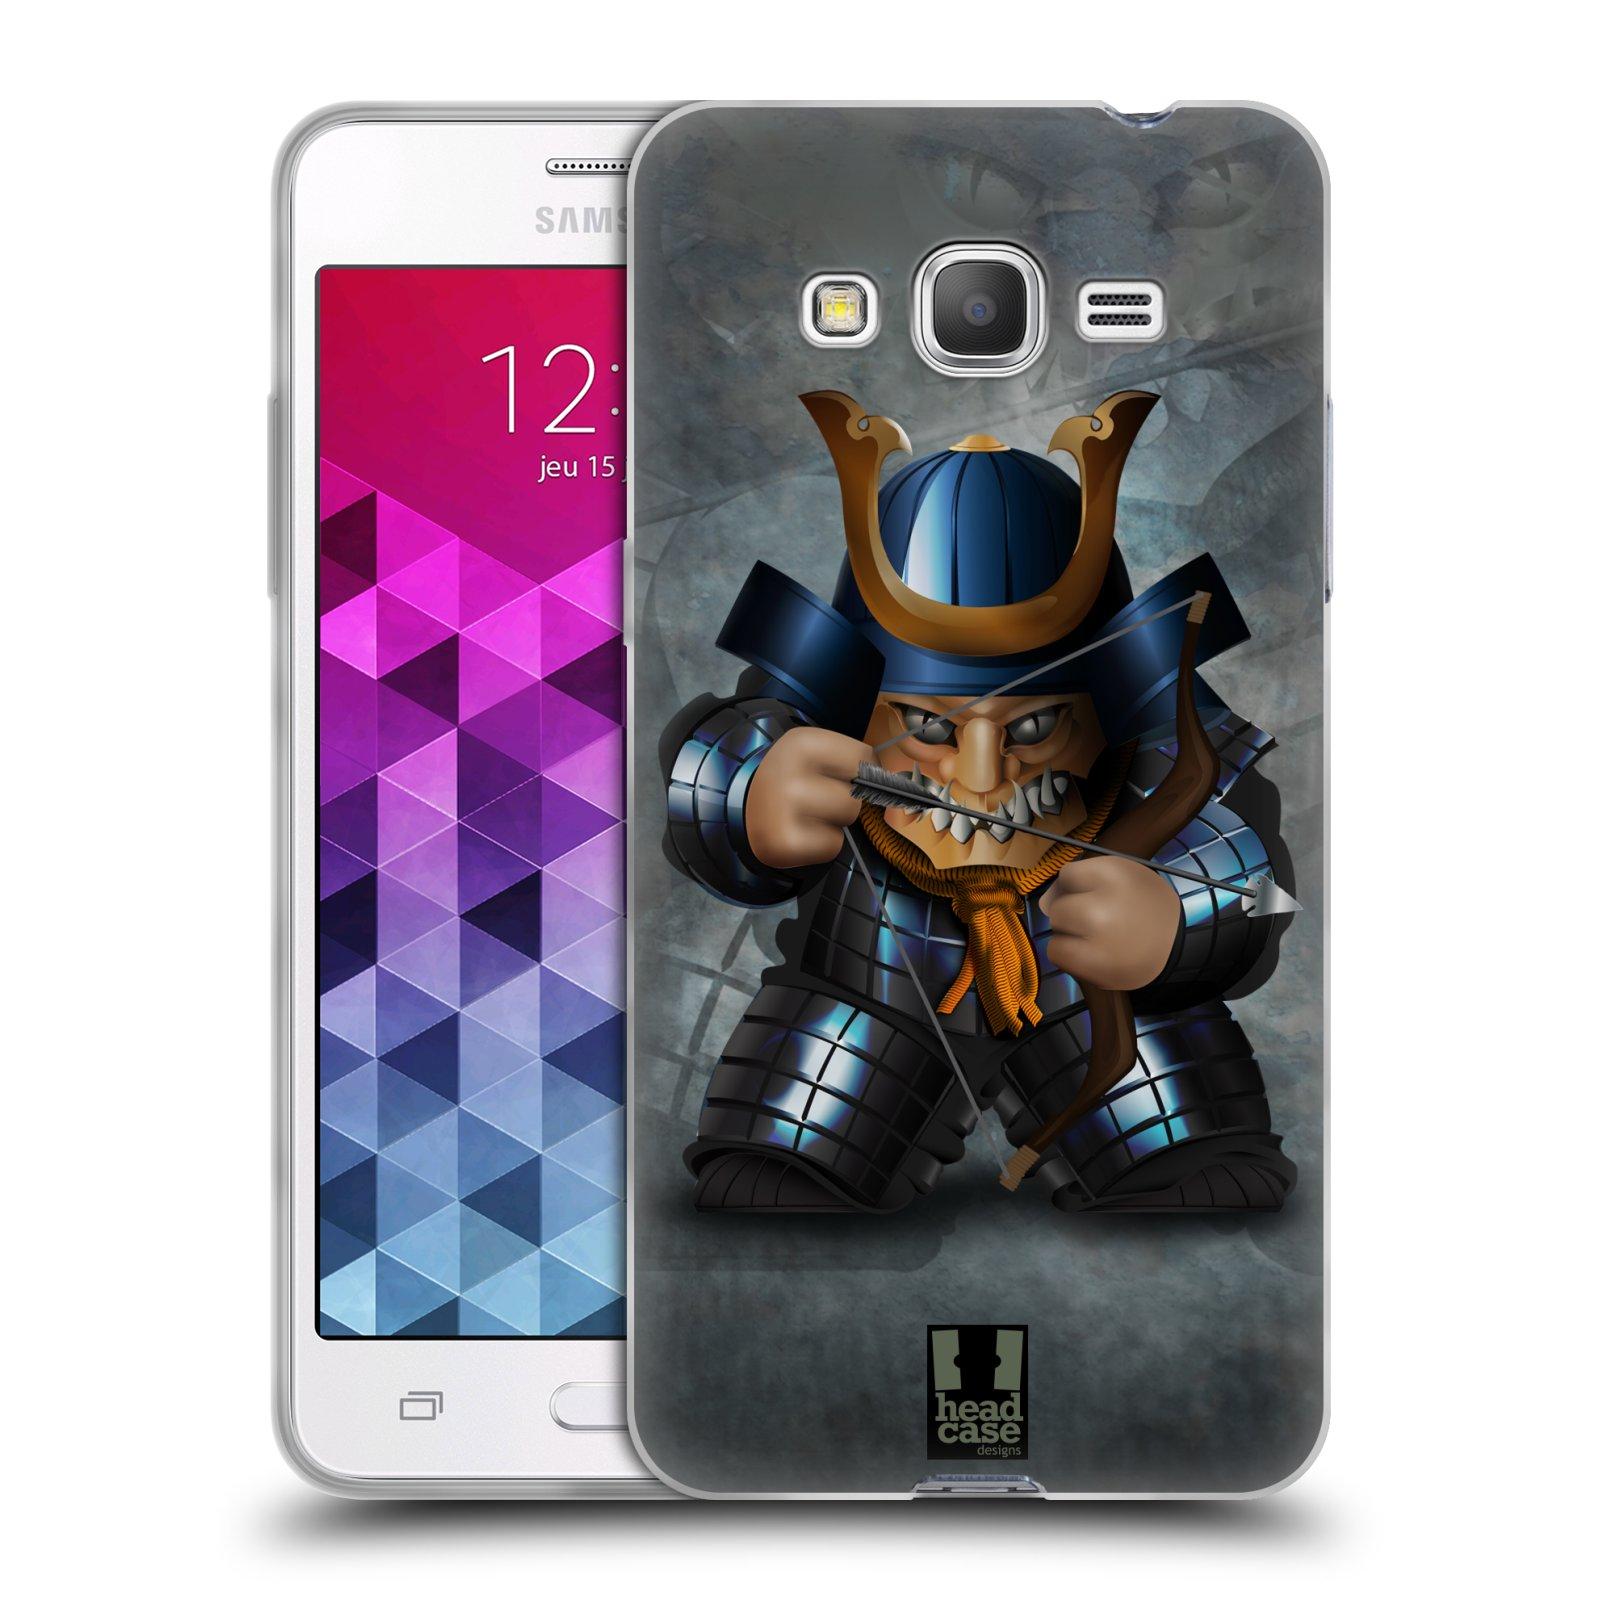 HEAD CASE silikonový obal na mobil Samsung Galaxy GRAND PRIME vzor Malí bojovníci SHOGUN STŘELEC